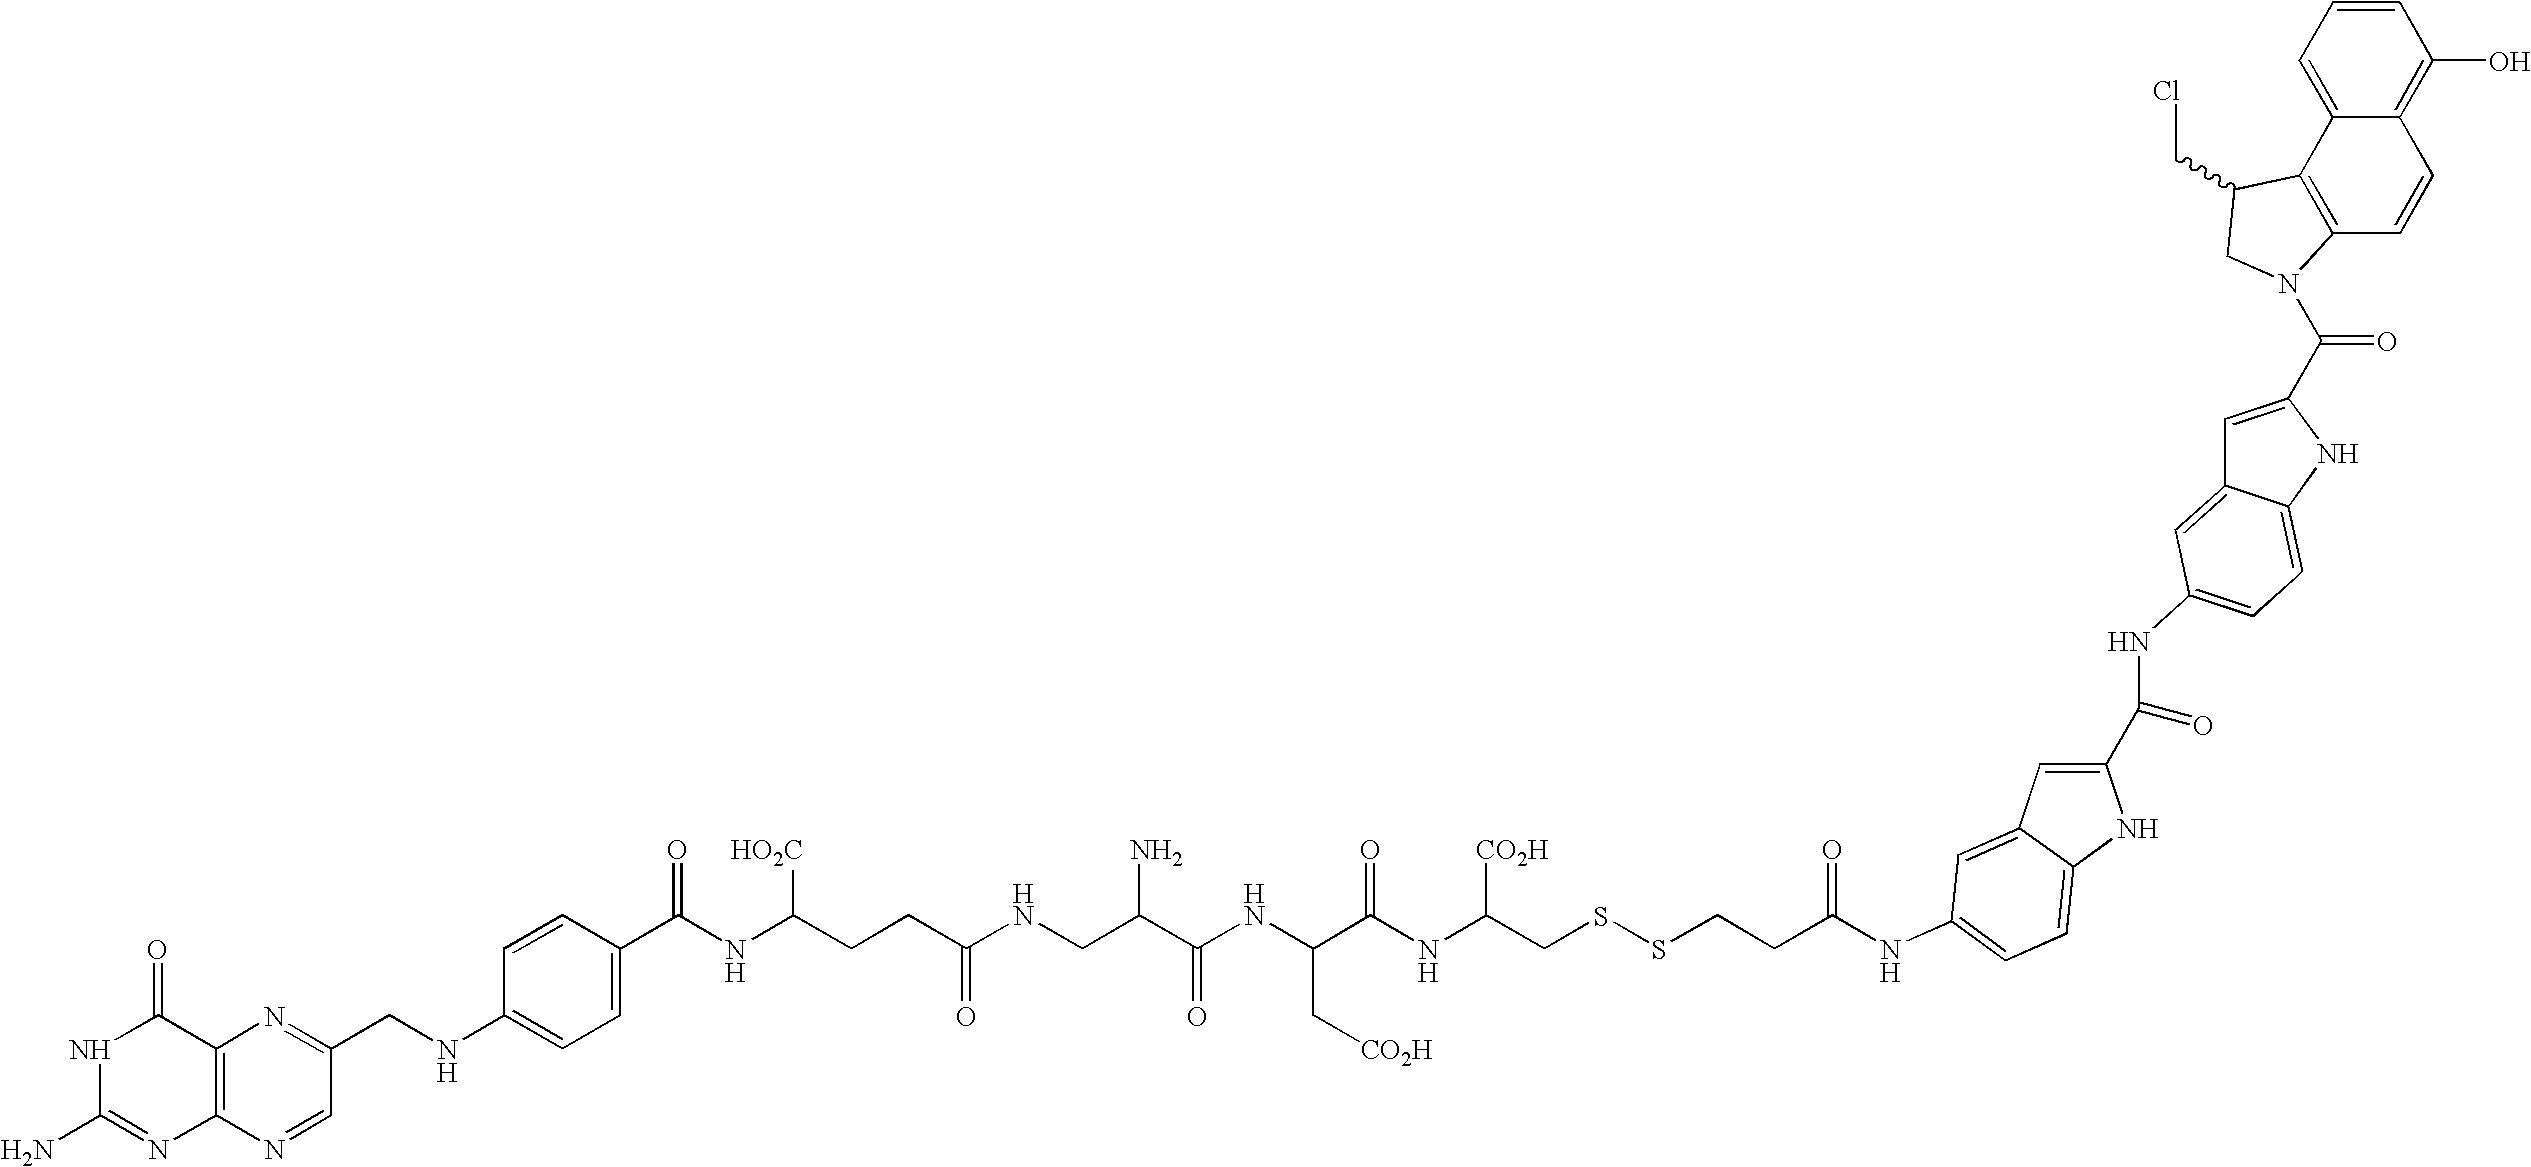 Figure US08105568-20120131-C00167